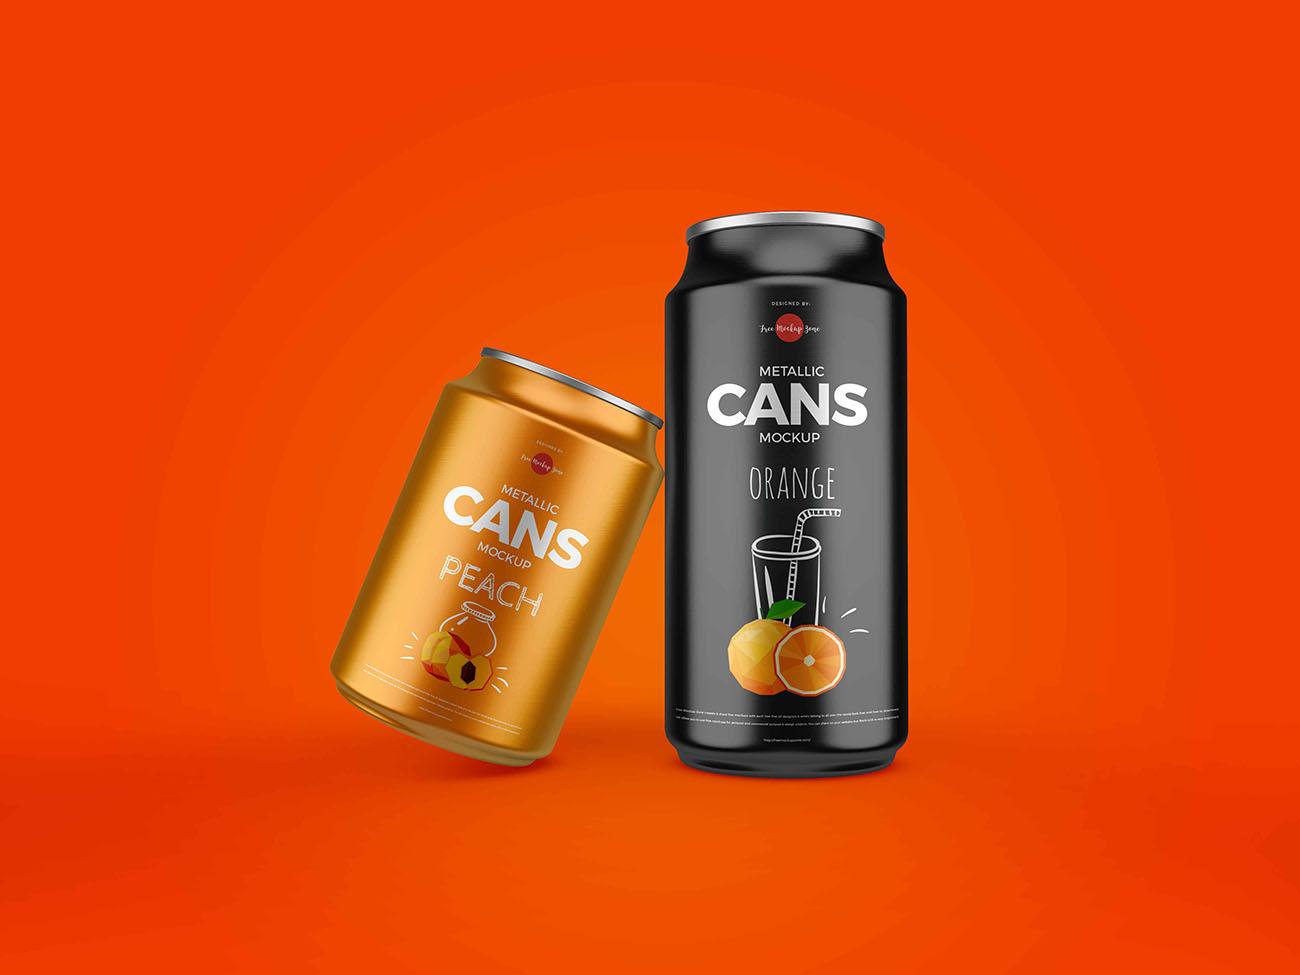 2个金属罐模型罐装饮料模型样机PSD源文件插图